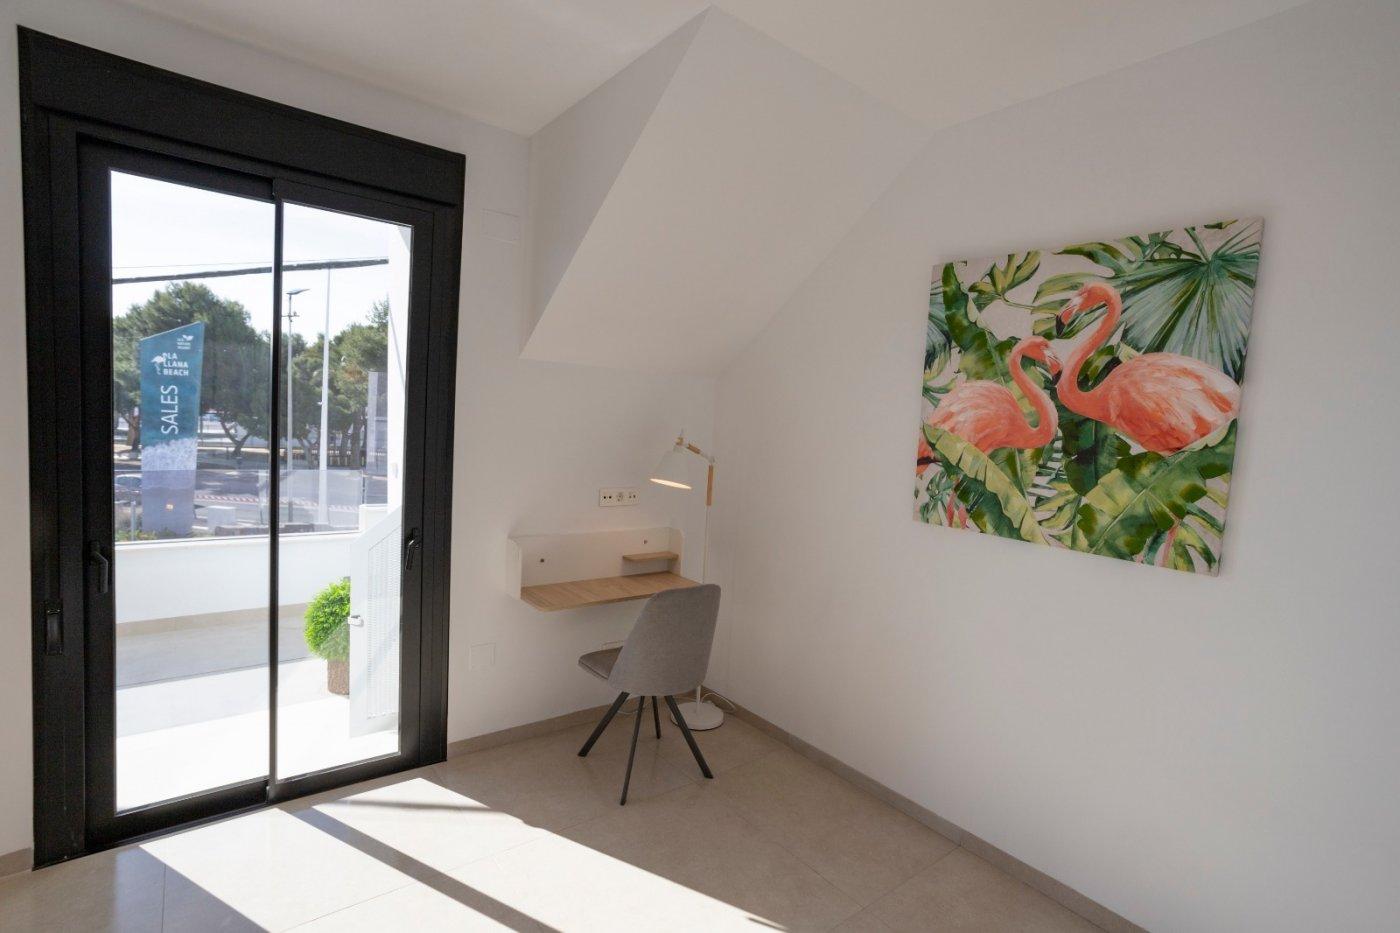 Apartamento moderno en san pedro del pinatar - imagenInmueble20